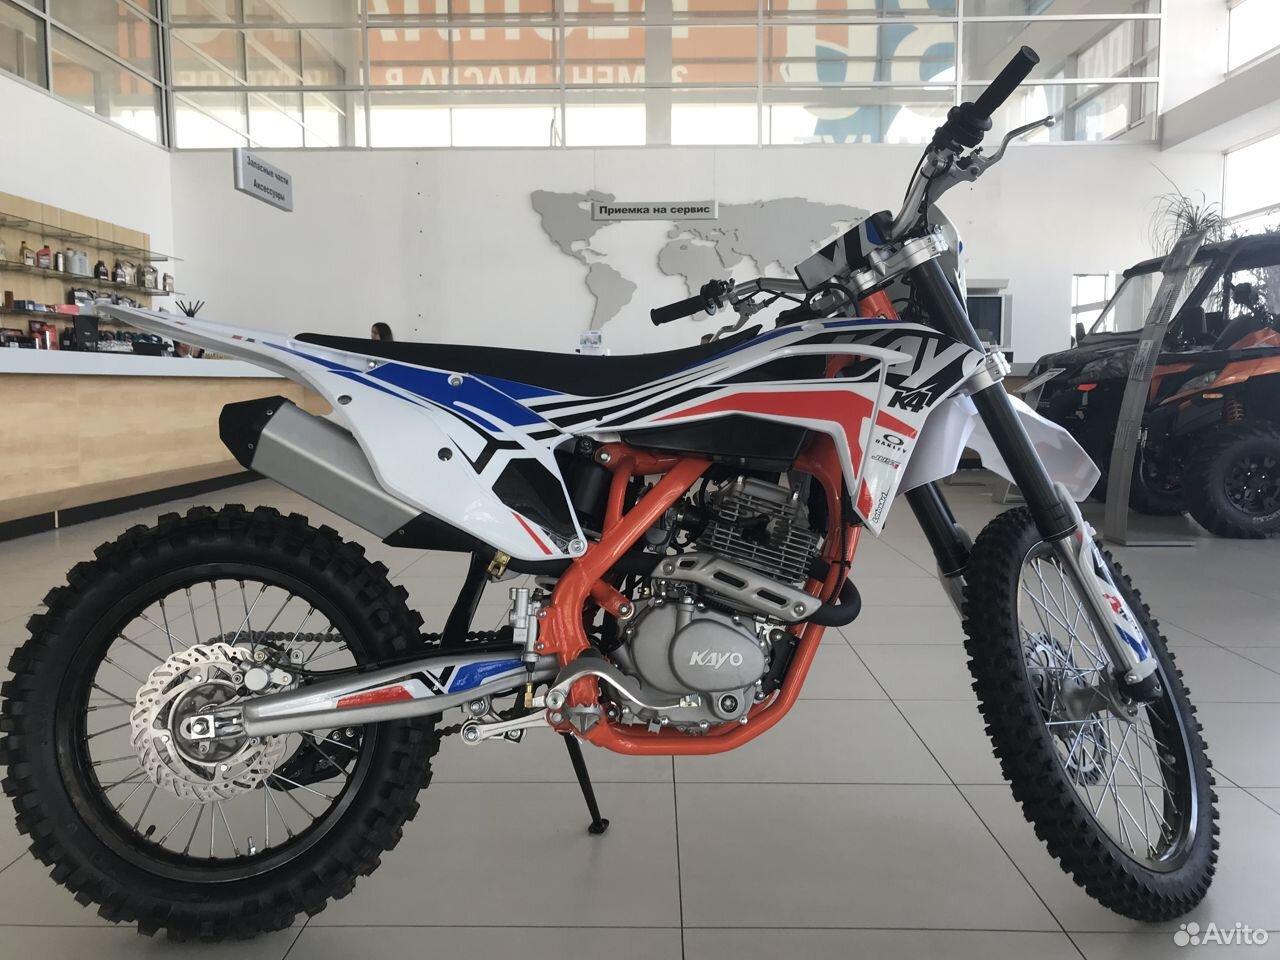 Мотоцикл kayo K4 MX 21/18 (2020 г.)  88792225000 купить 3